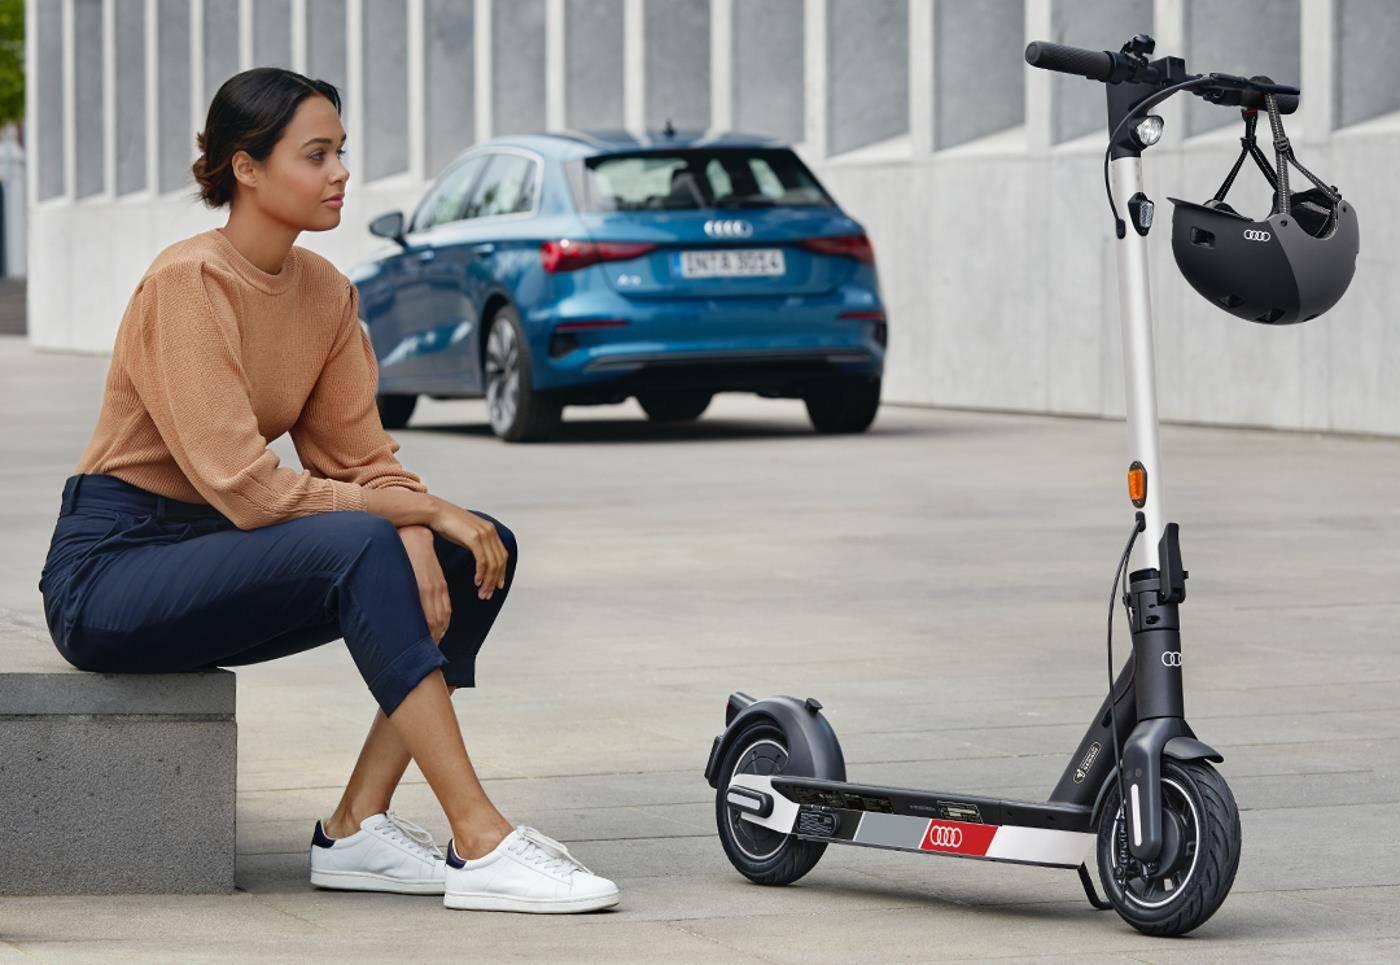 Trottinette électrique Audi prix tarif autonomie